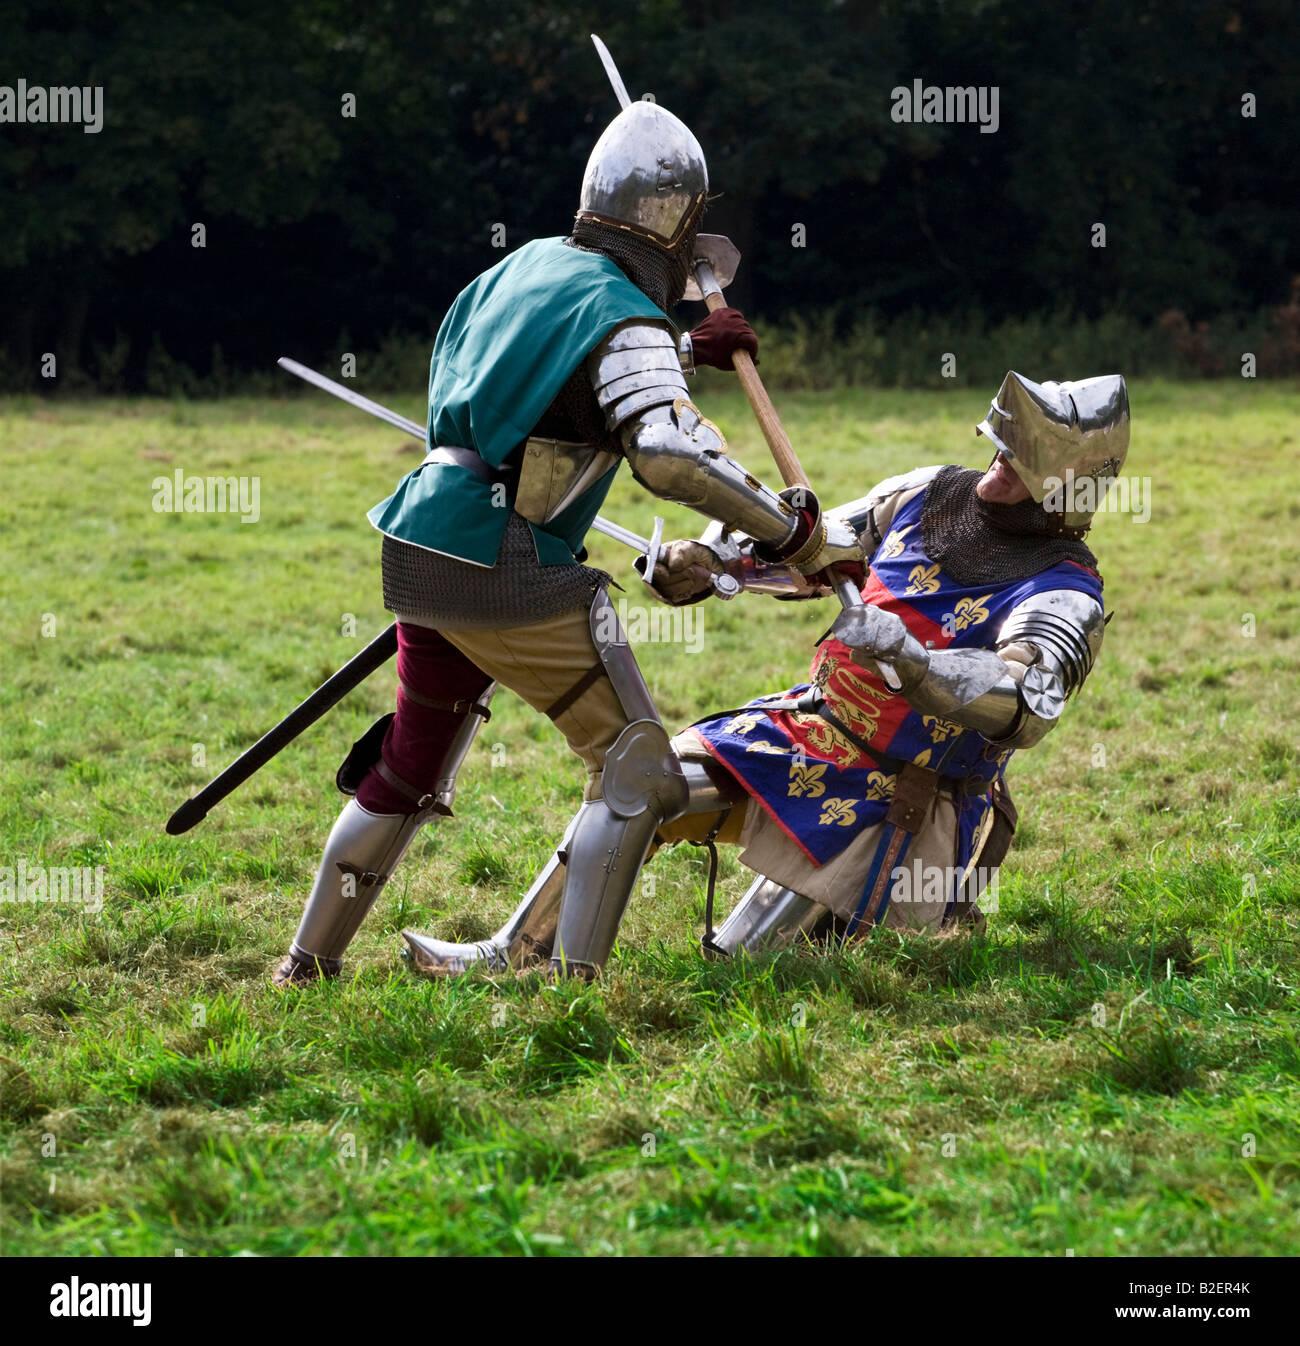 Mittelalterliche Ritter in Mortal Combat - ein Re-enactment. Nur für den redaktionellen Gebrauch bestimmt Stockbild